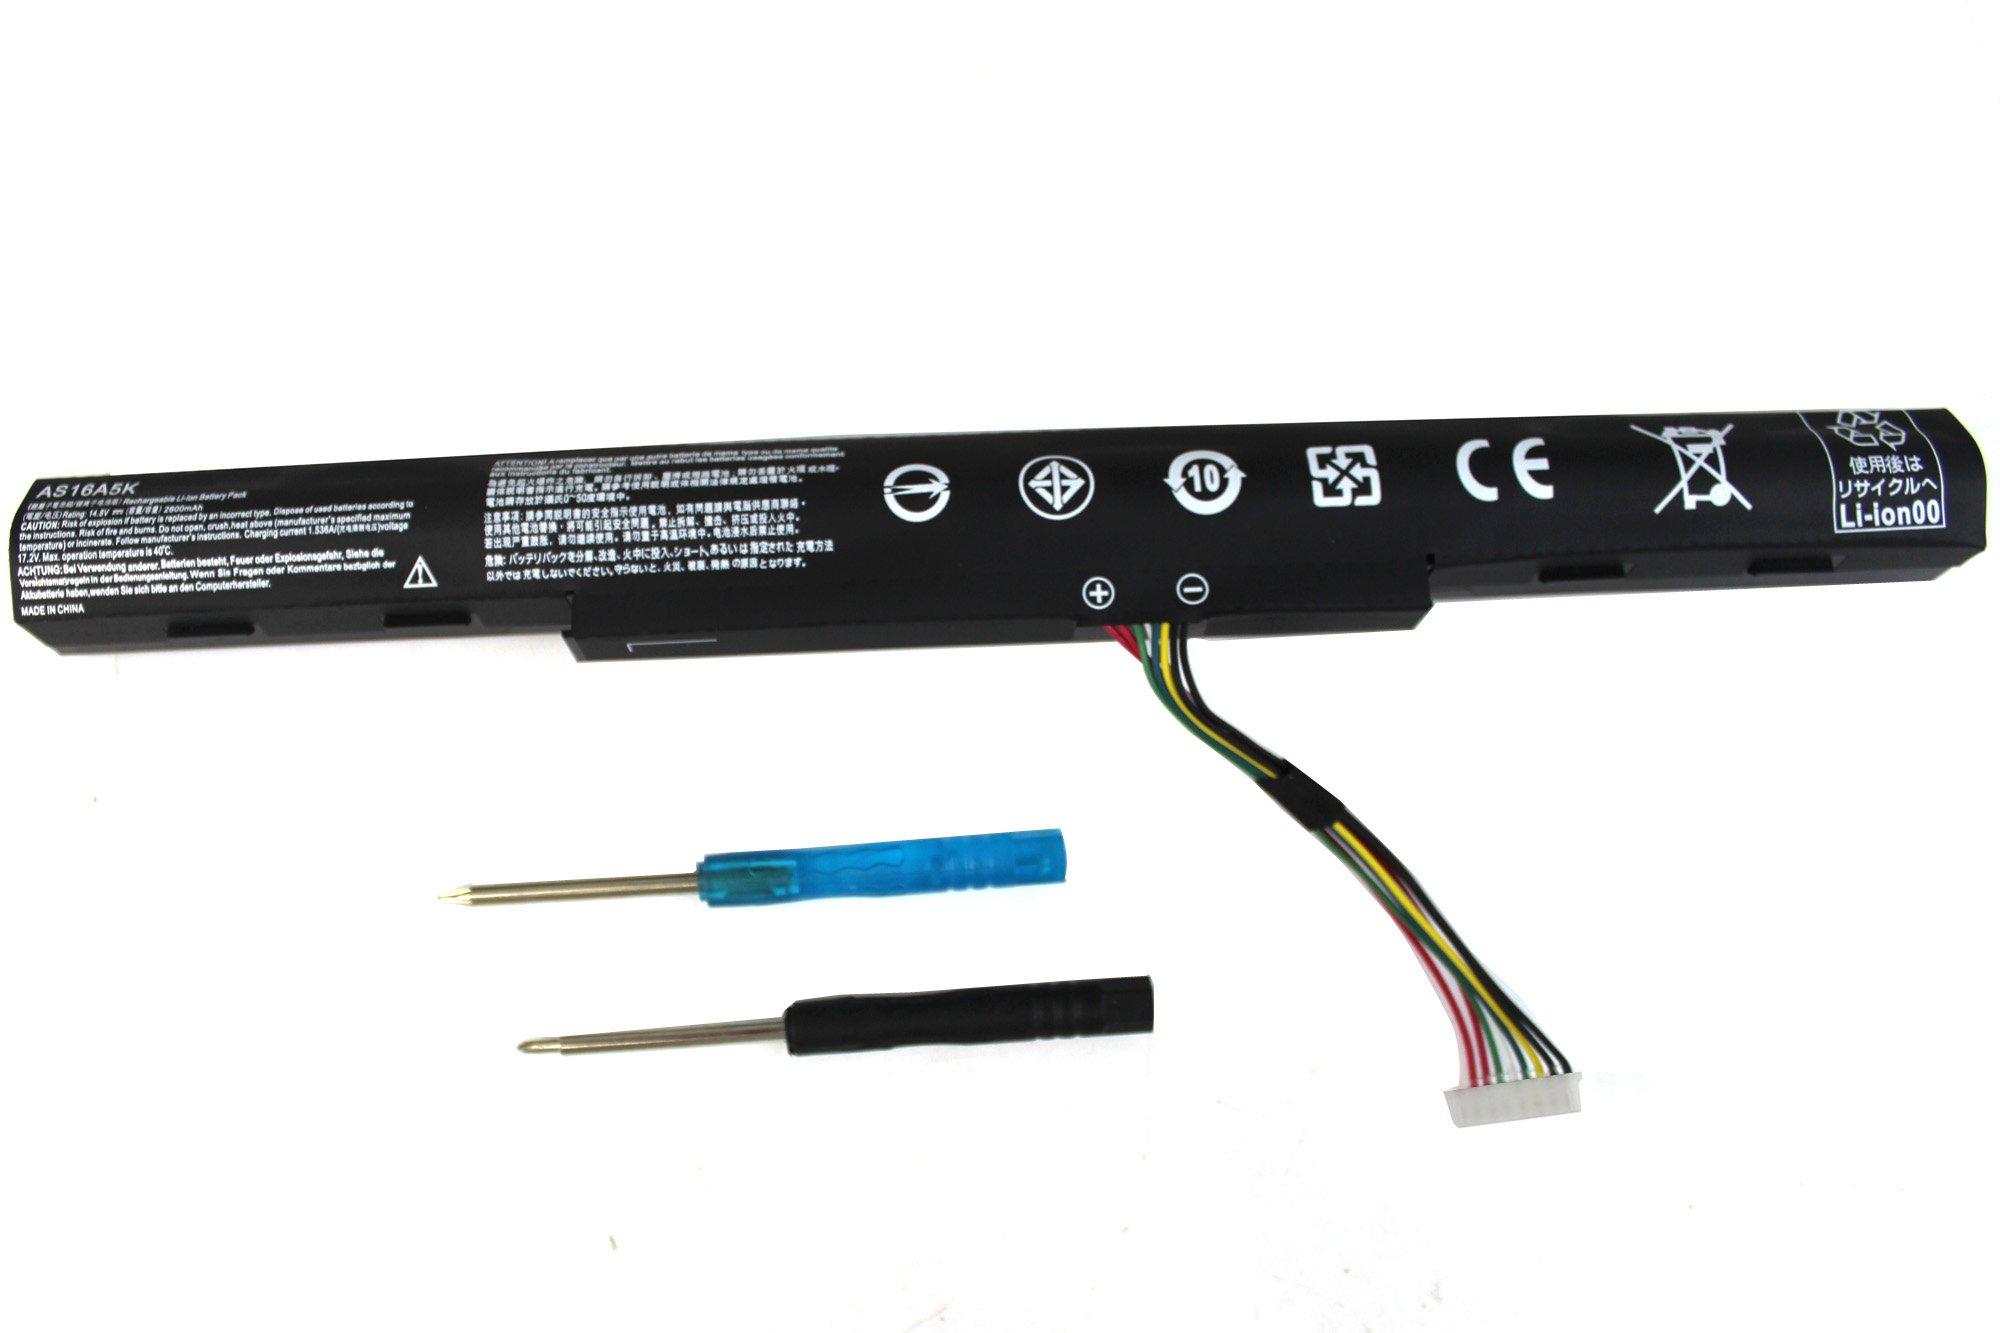 Bateria As16a5k As16a7k As16a8k Para Acer Aspire E15 E5-575-33bm E5-575g-57d4 E5-575g-53vg E5-576-392h E5-576g-5762 E5-4